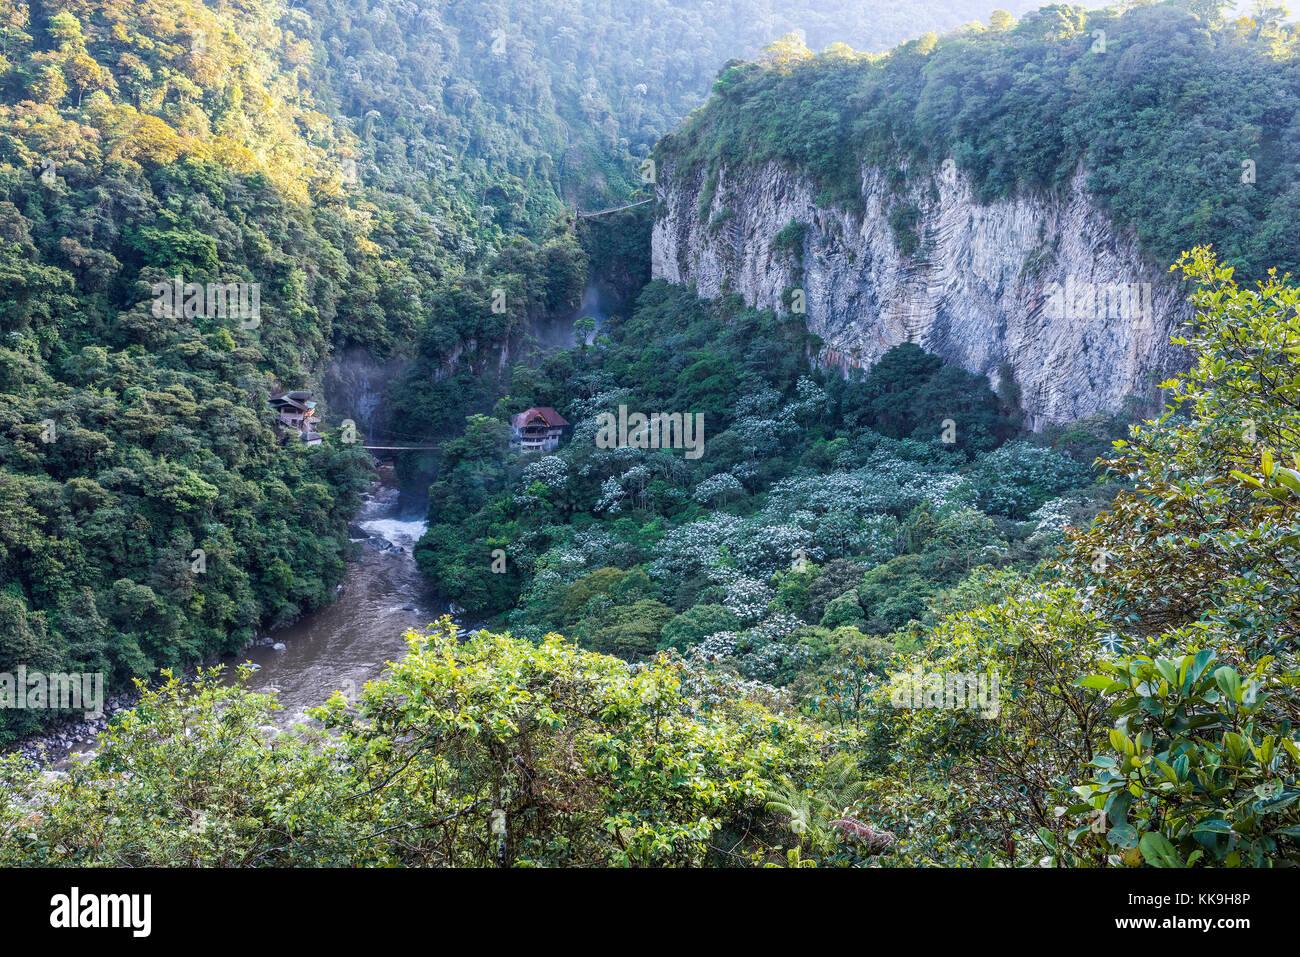 La forêt tropicale de montagne, près de la cascade pailon del diablo dans les Andes de l'équateur. banos. Banque D'Images